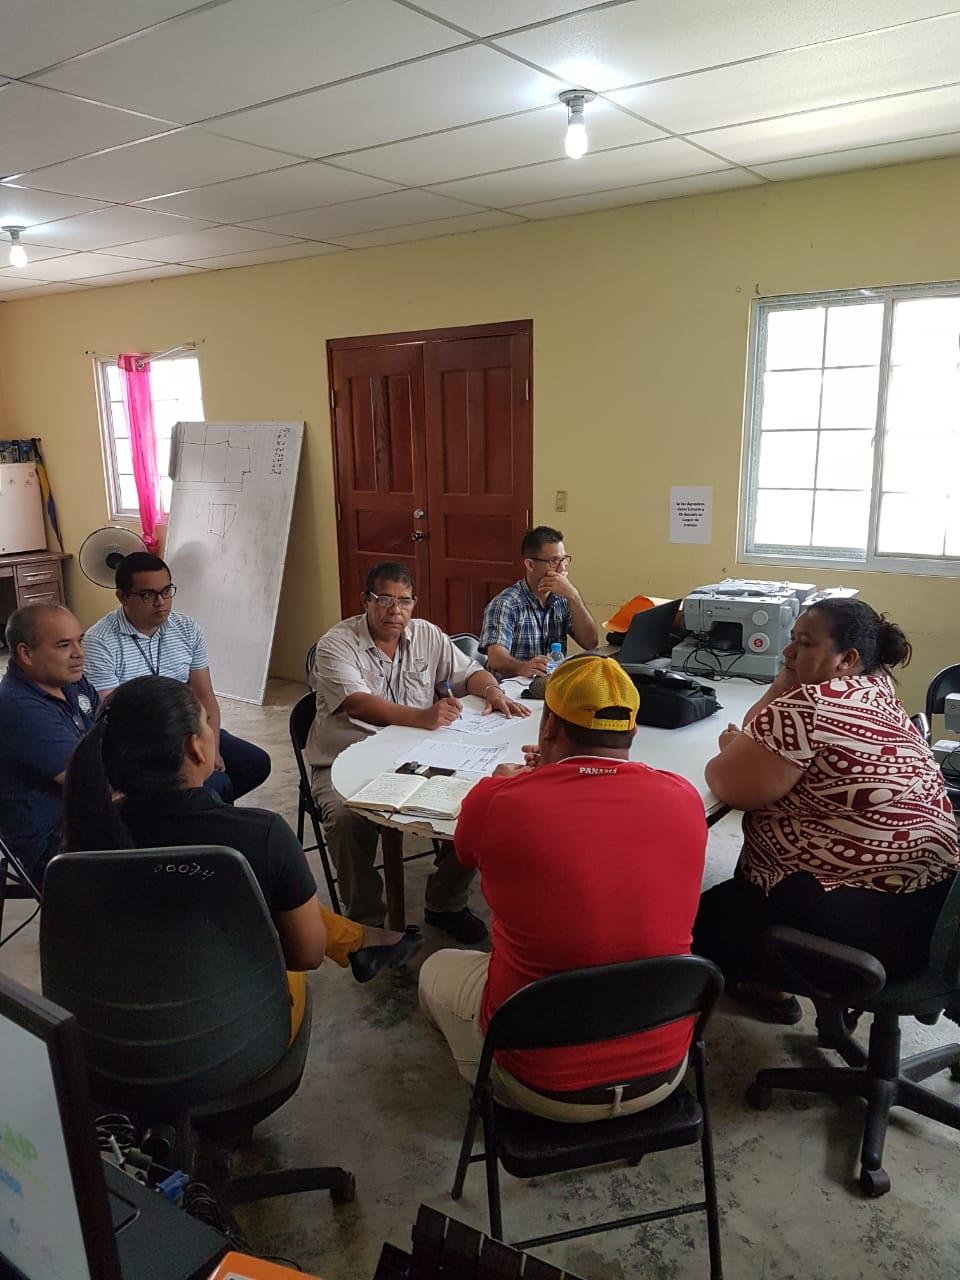 Proyecto de participación ciudadana desarrollado en el distrito de Santa María